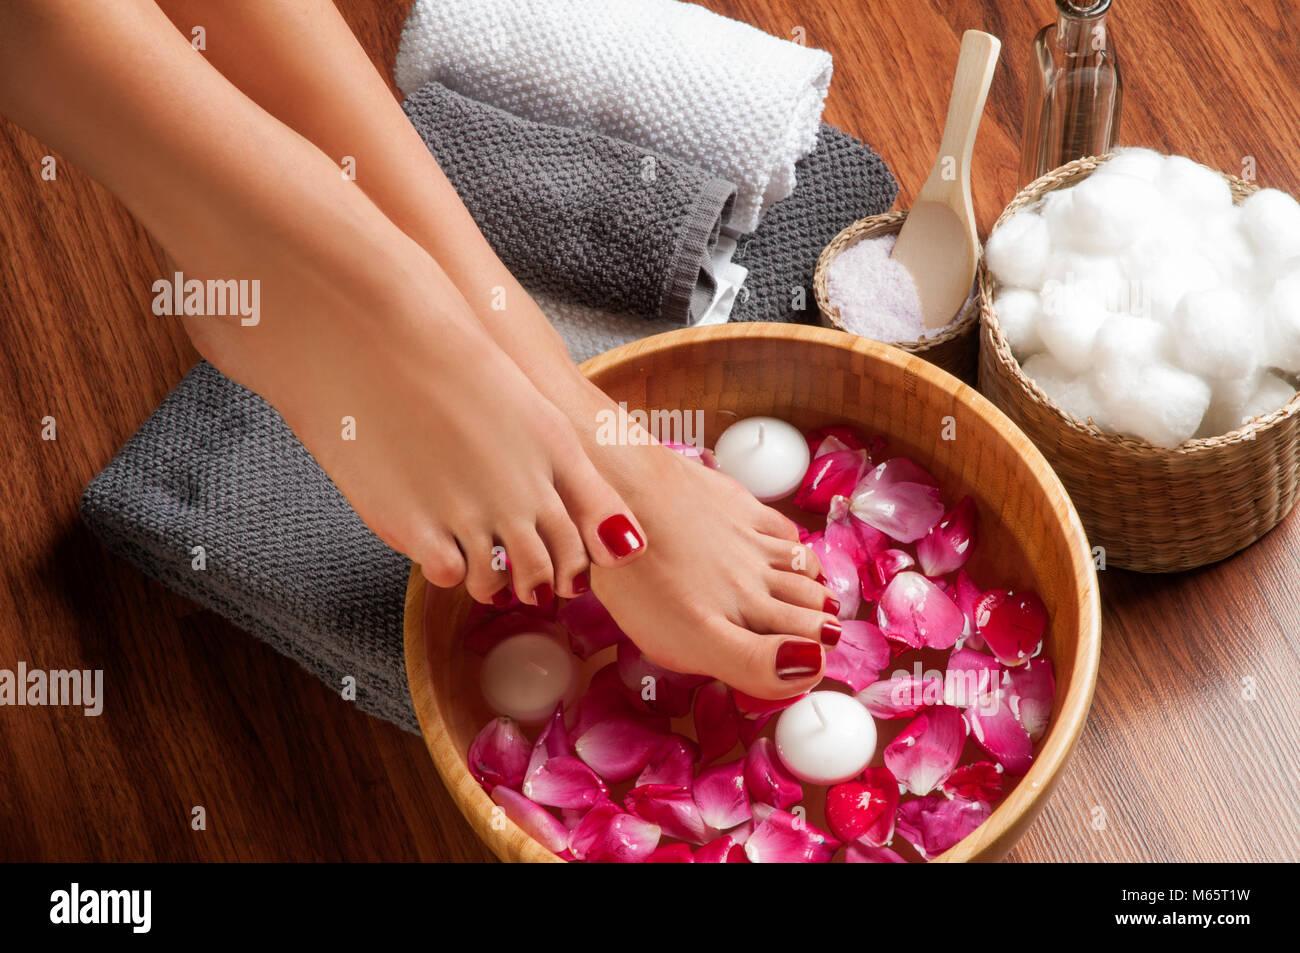 Nahaufnahme eines weiblichen Füße im Spa Salon auf Pediküre ...